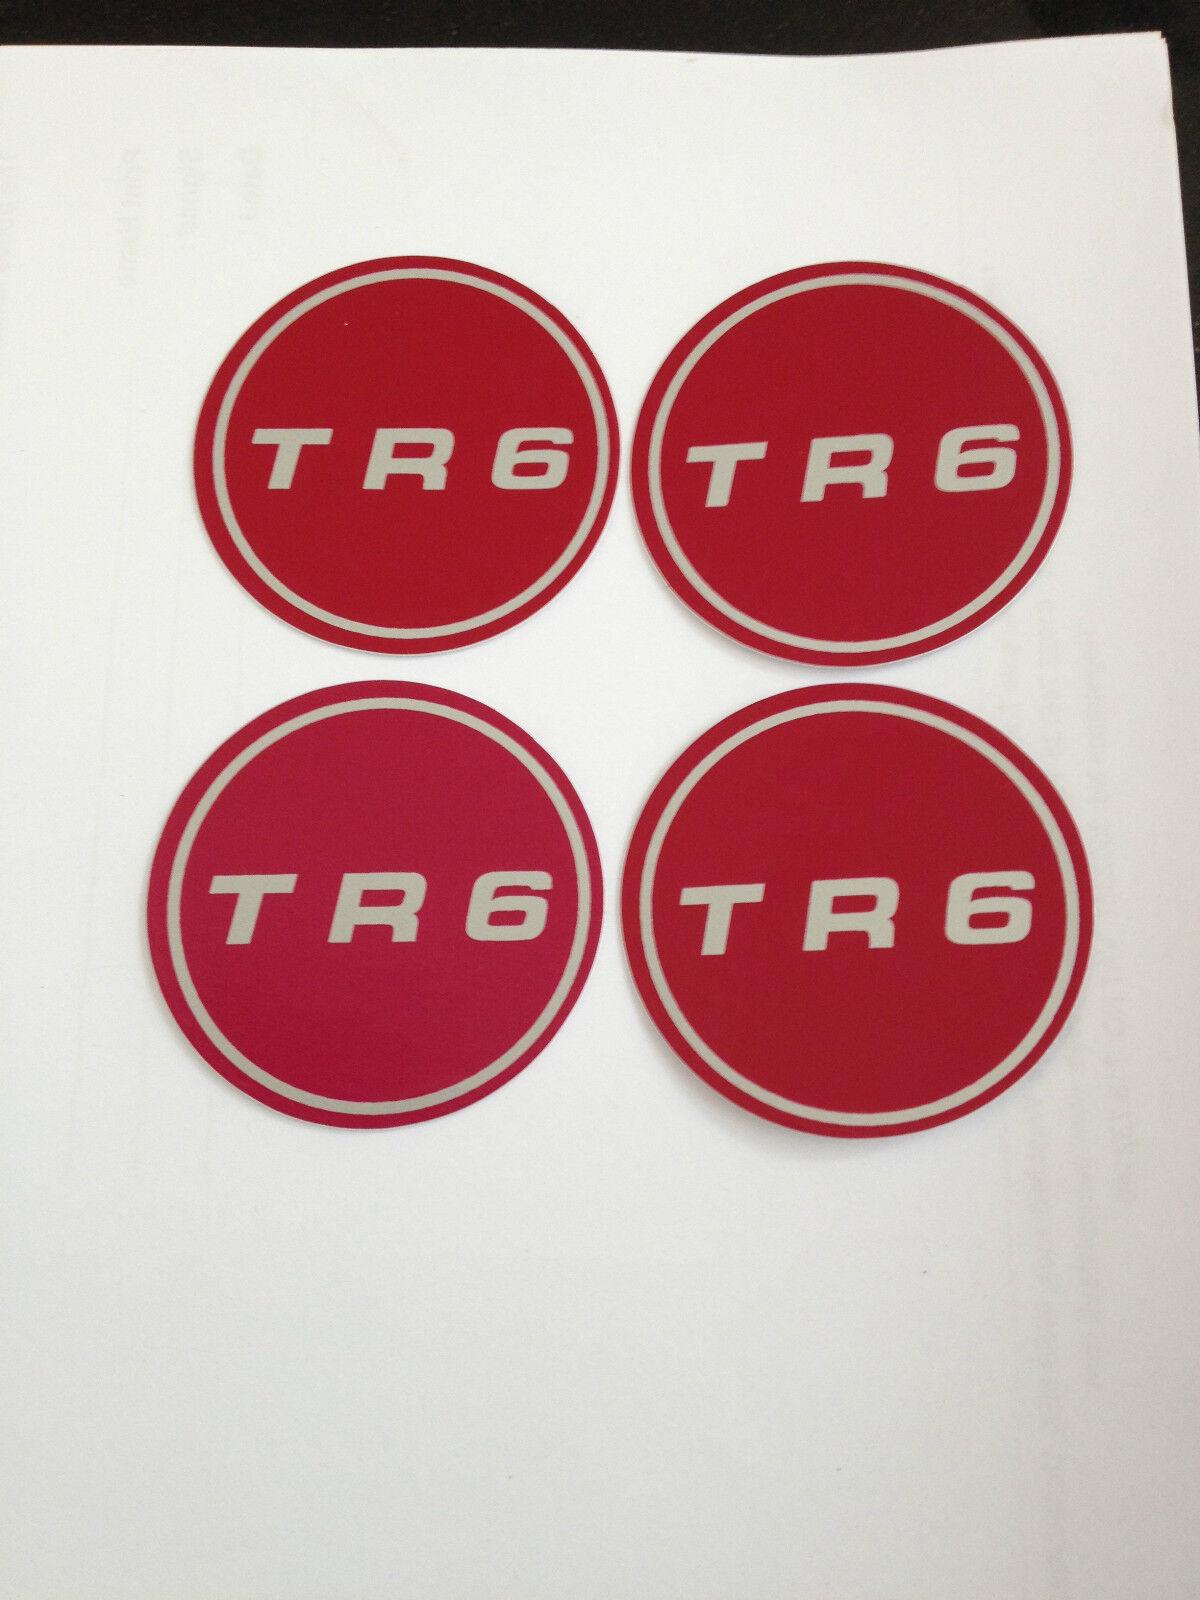 627502RP OR 627502S TRIUMPH TR6 WHEEL CENTRE BADGE MOTIF CAR SET OF 4 PART NO